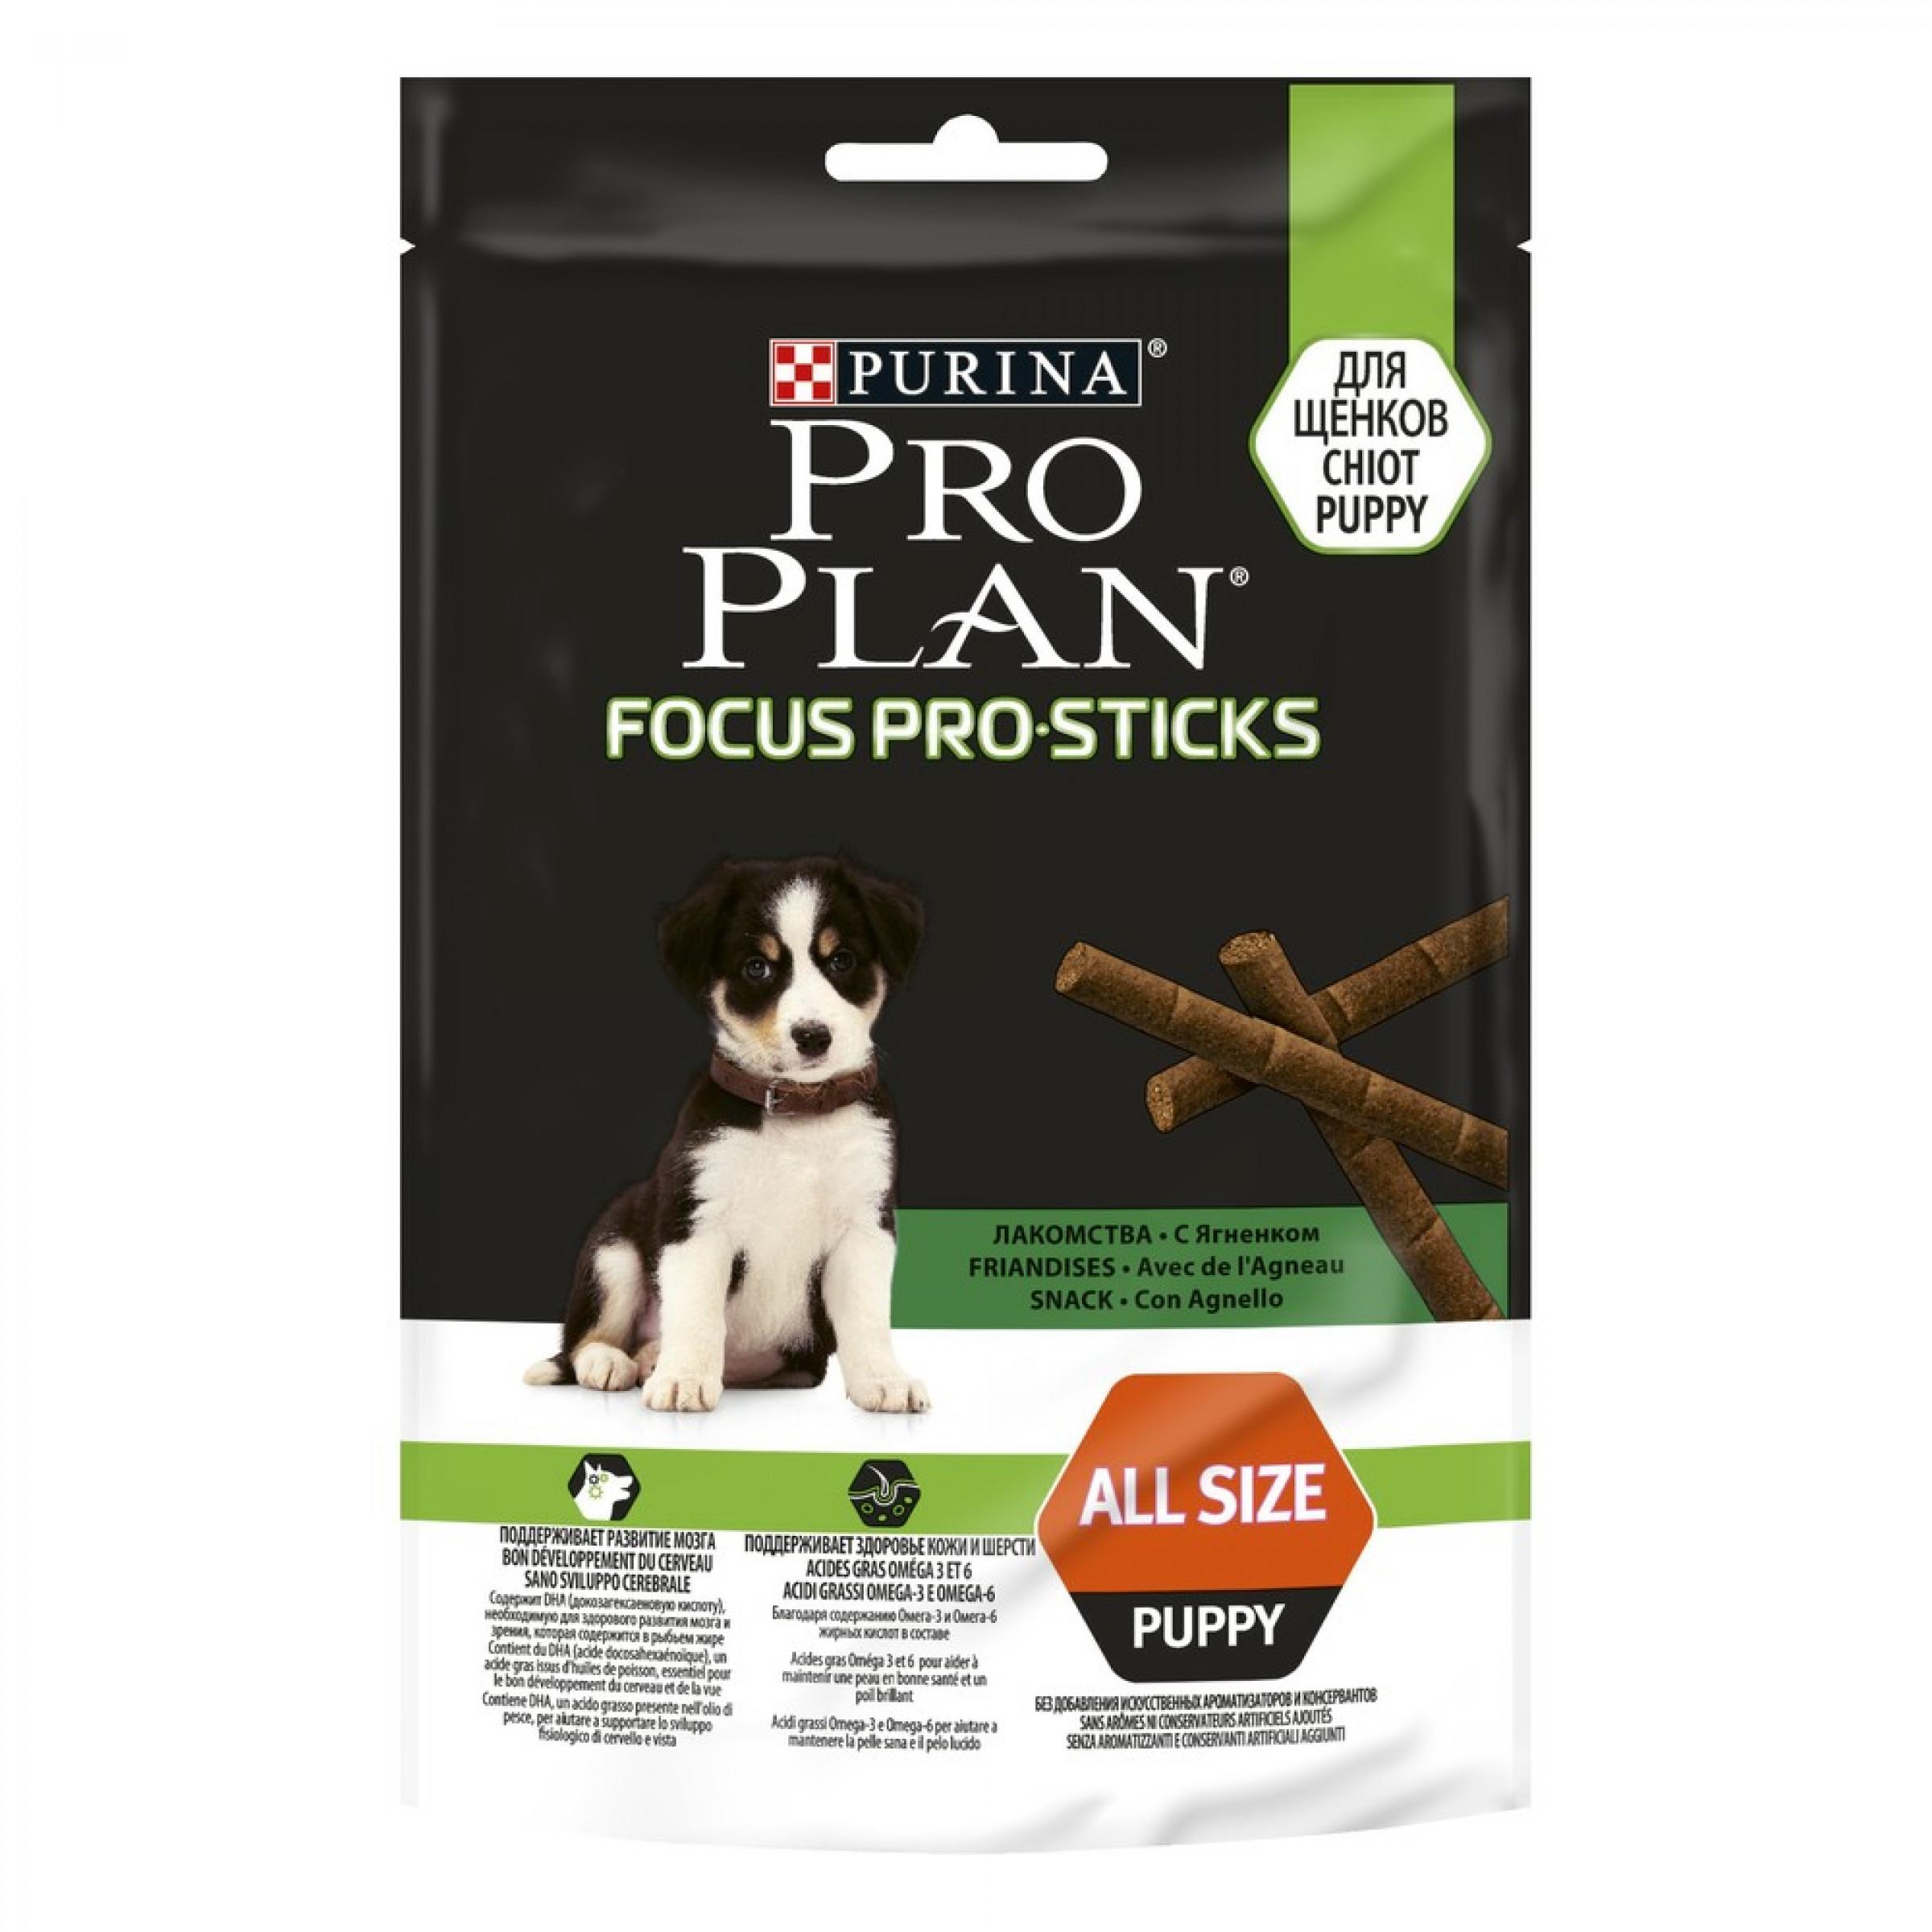 Снеки для щенков со вкусом ягненка focus pro sticks PRO PLAN, 126 гр